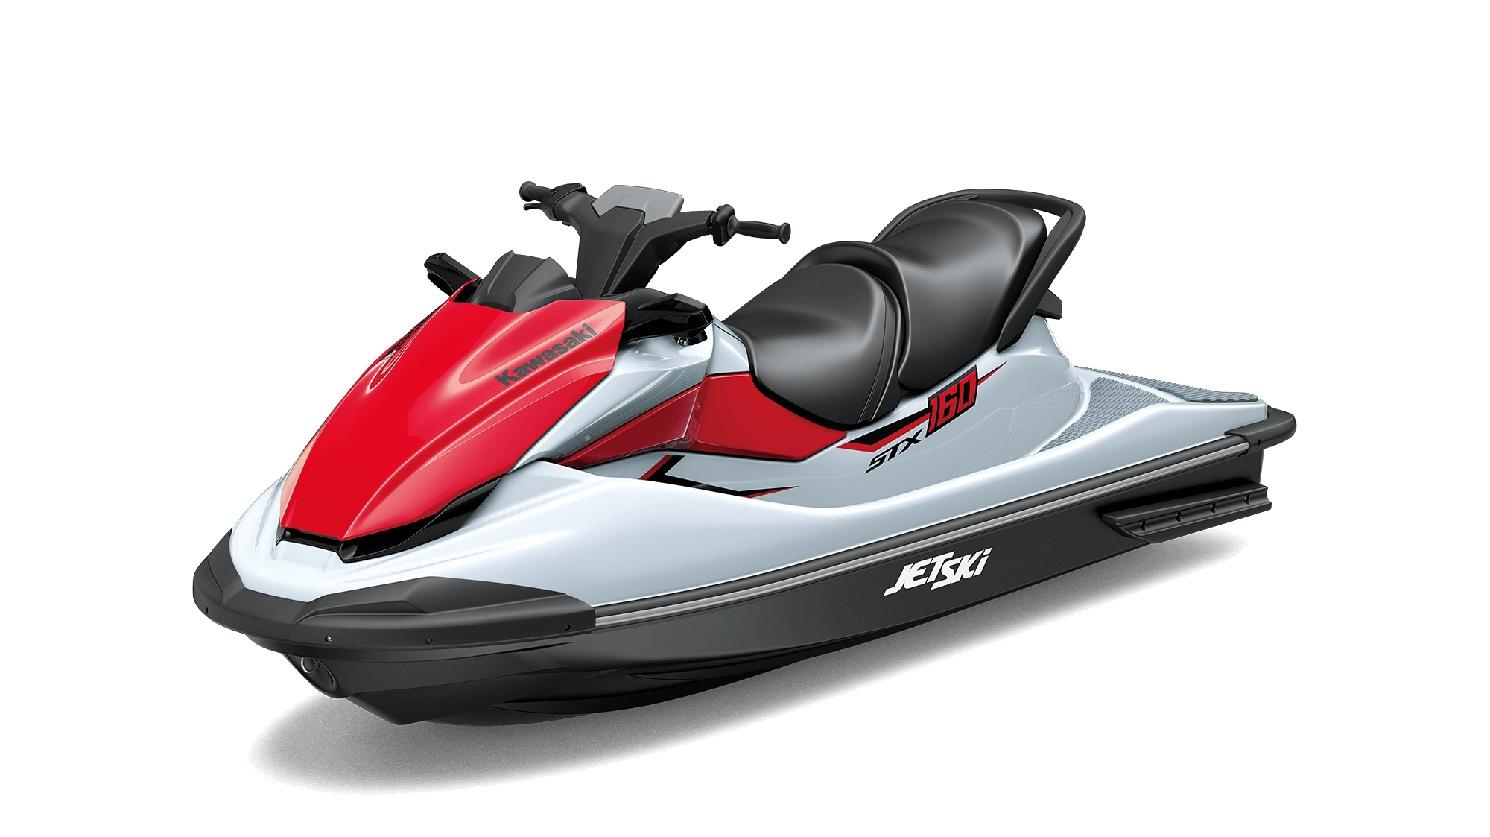 2020 Kawasaki JET SKI STX-160 Gelcoat White/Sunbeam Red